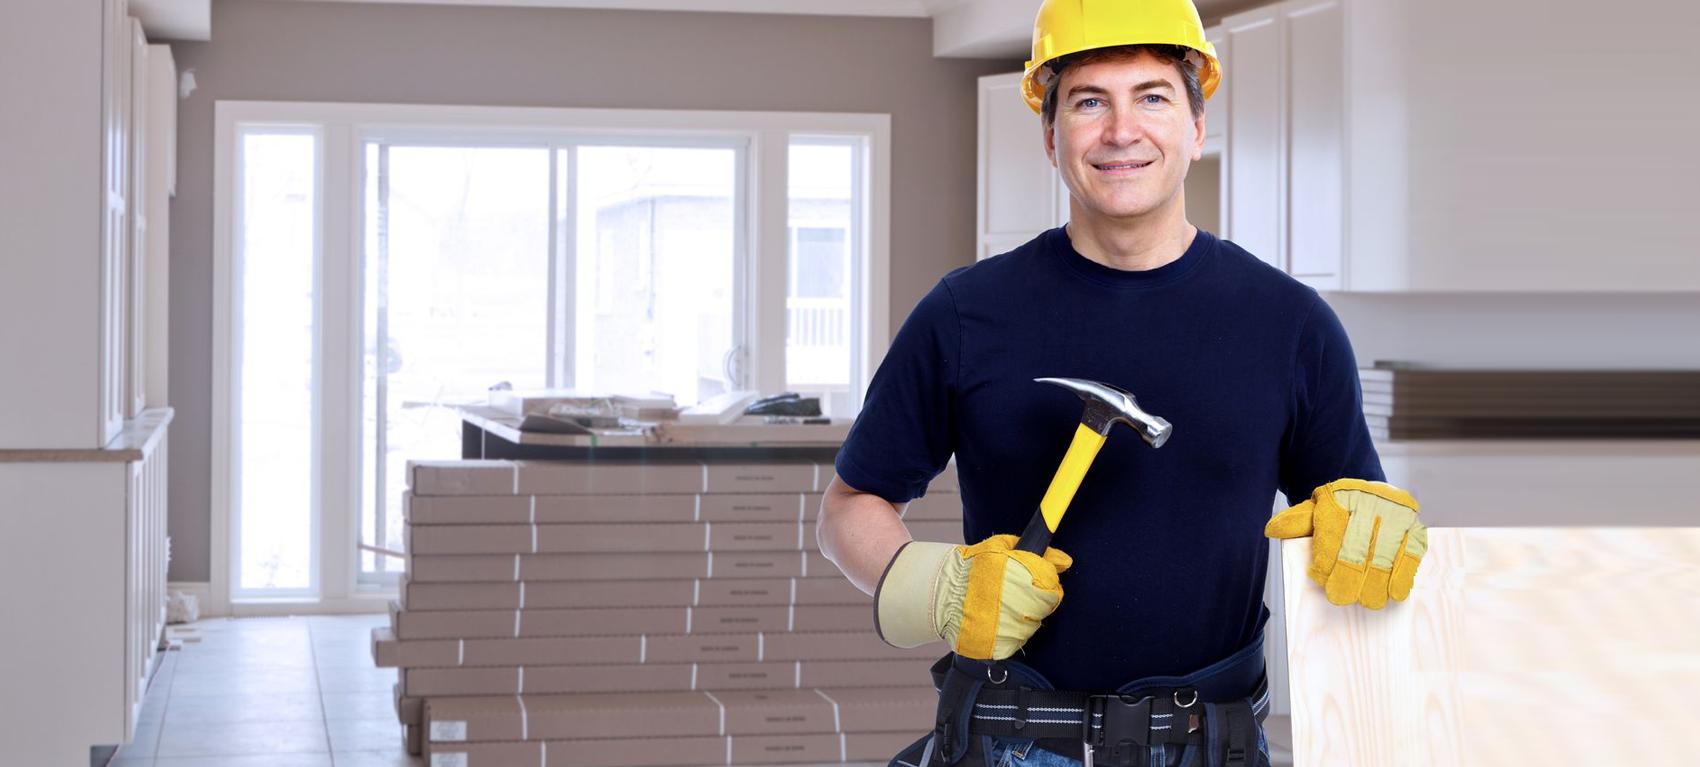 картинка бригада ремонта квартиры организациям, эксплуатирующим